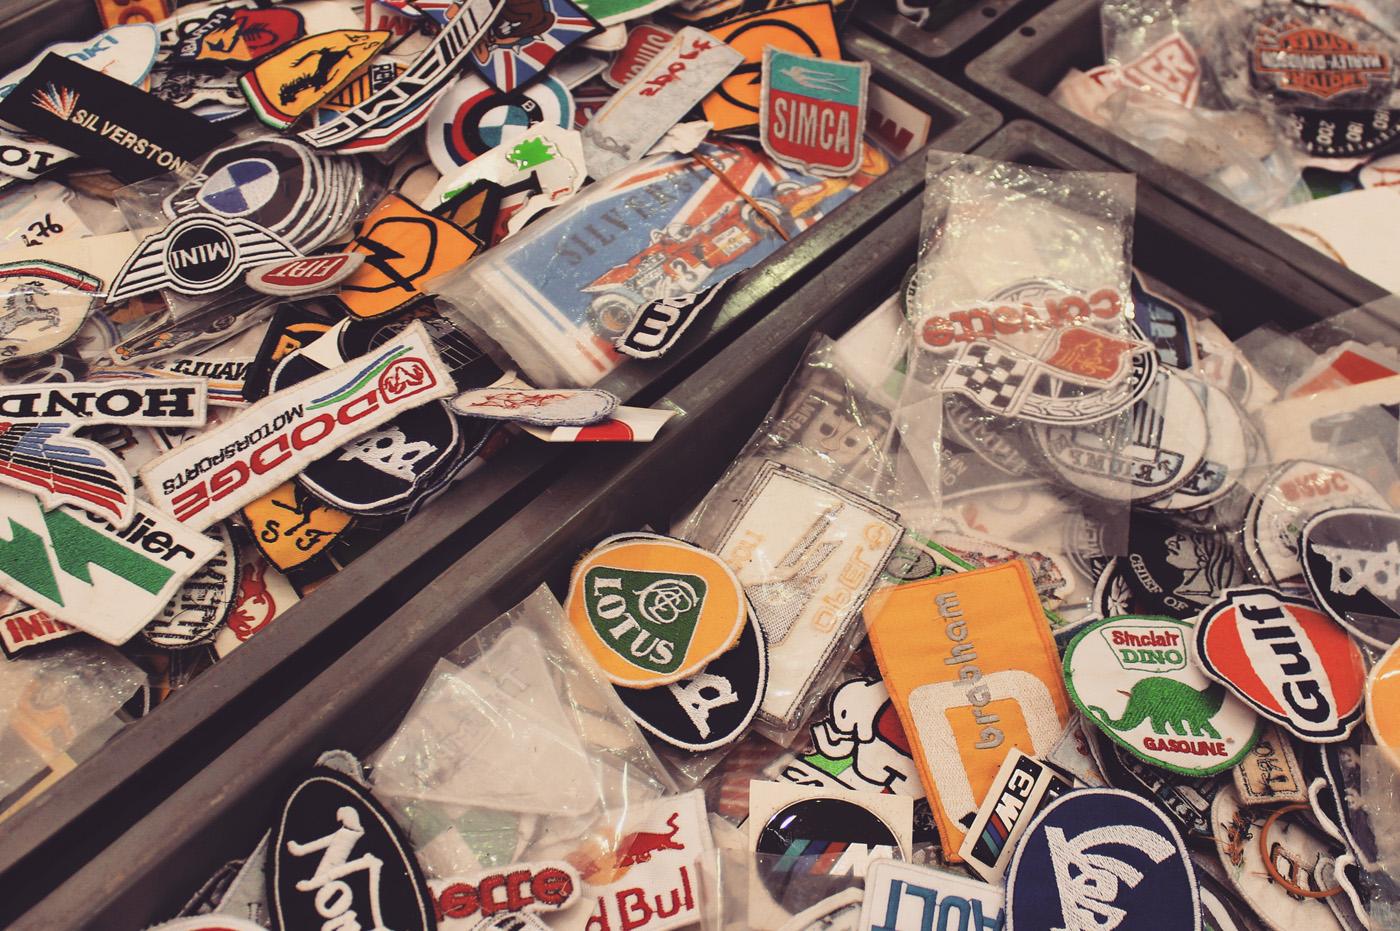 Il y a également de nombreux commerçants qui vendent des goodies auto/moto